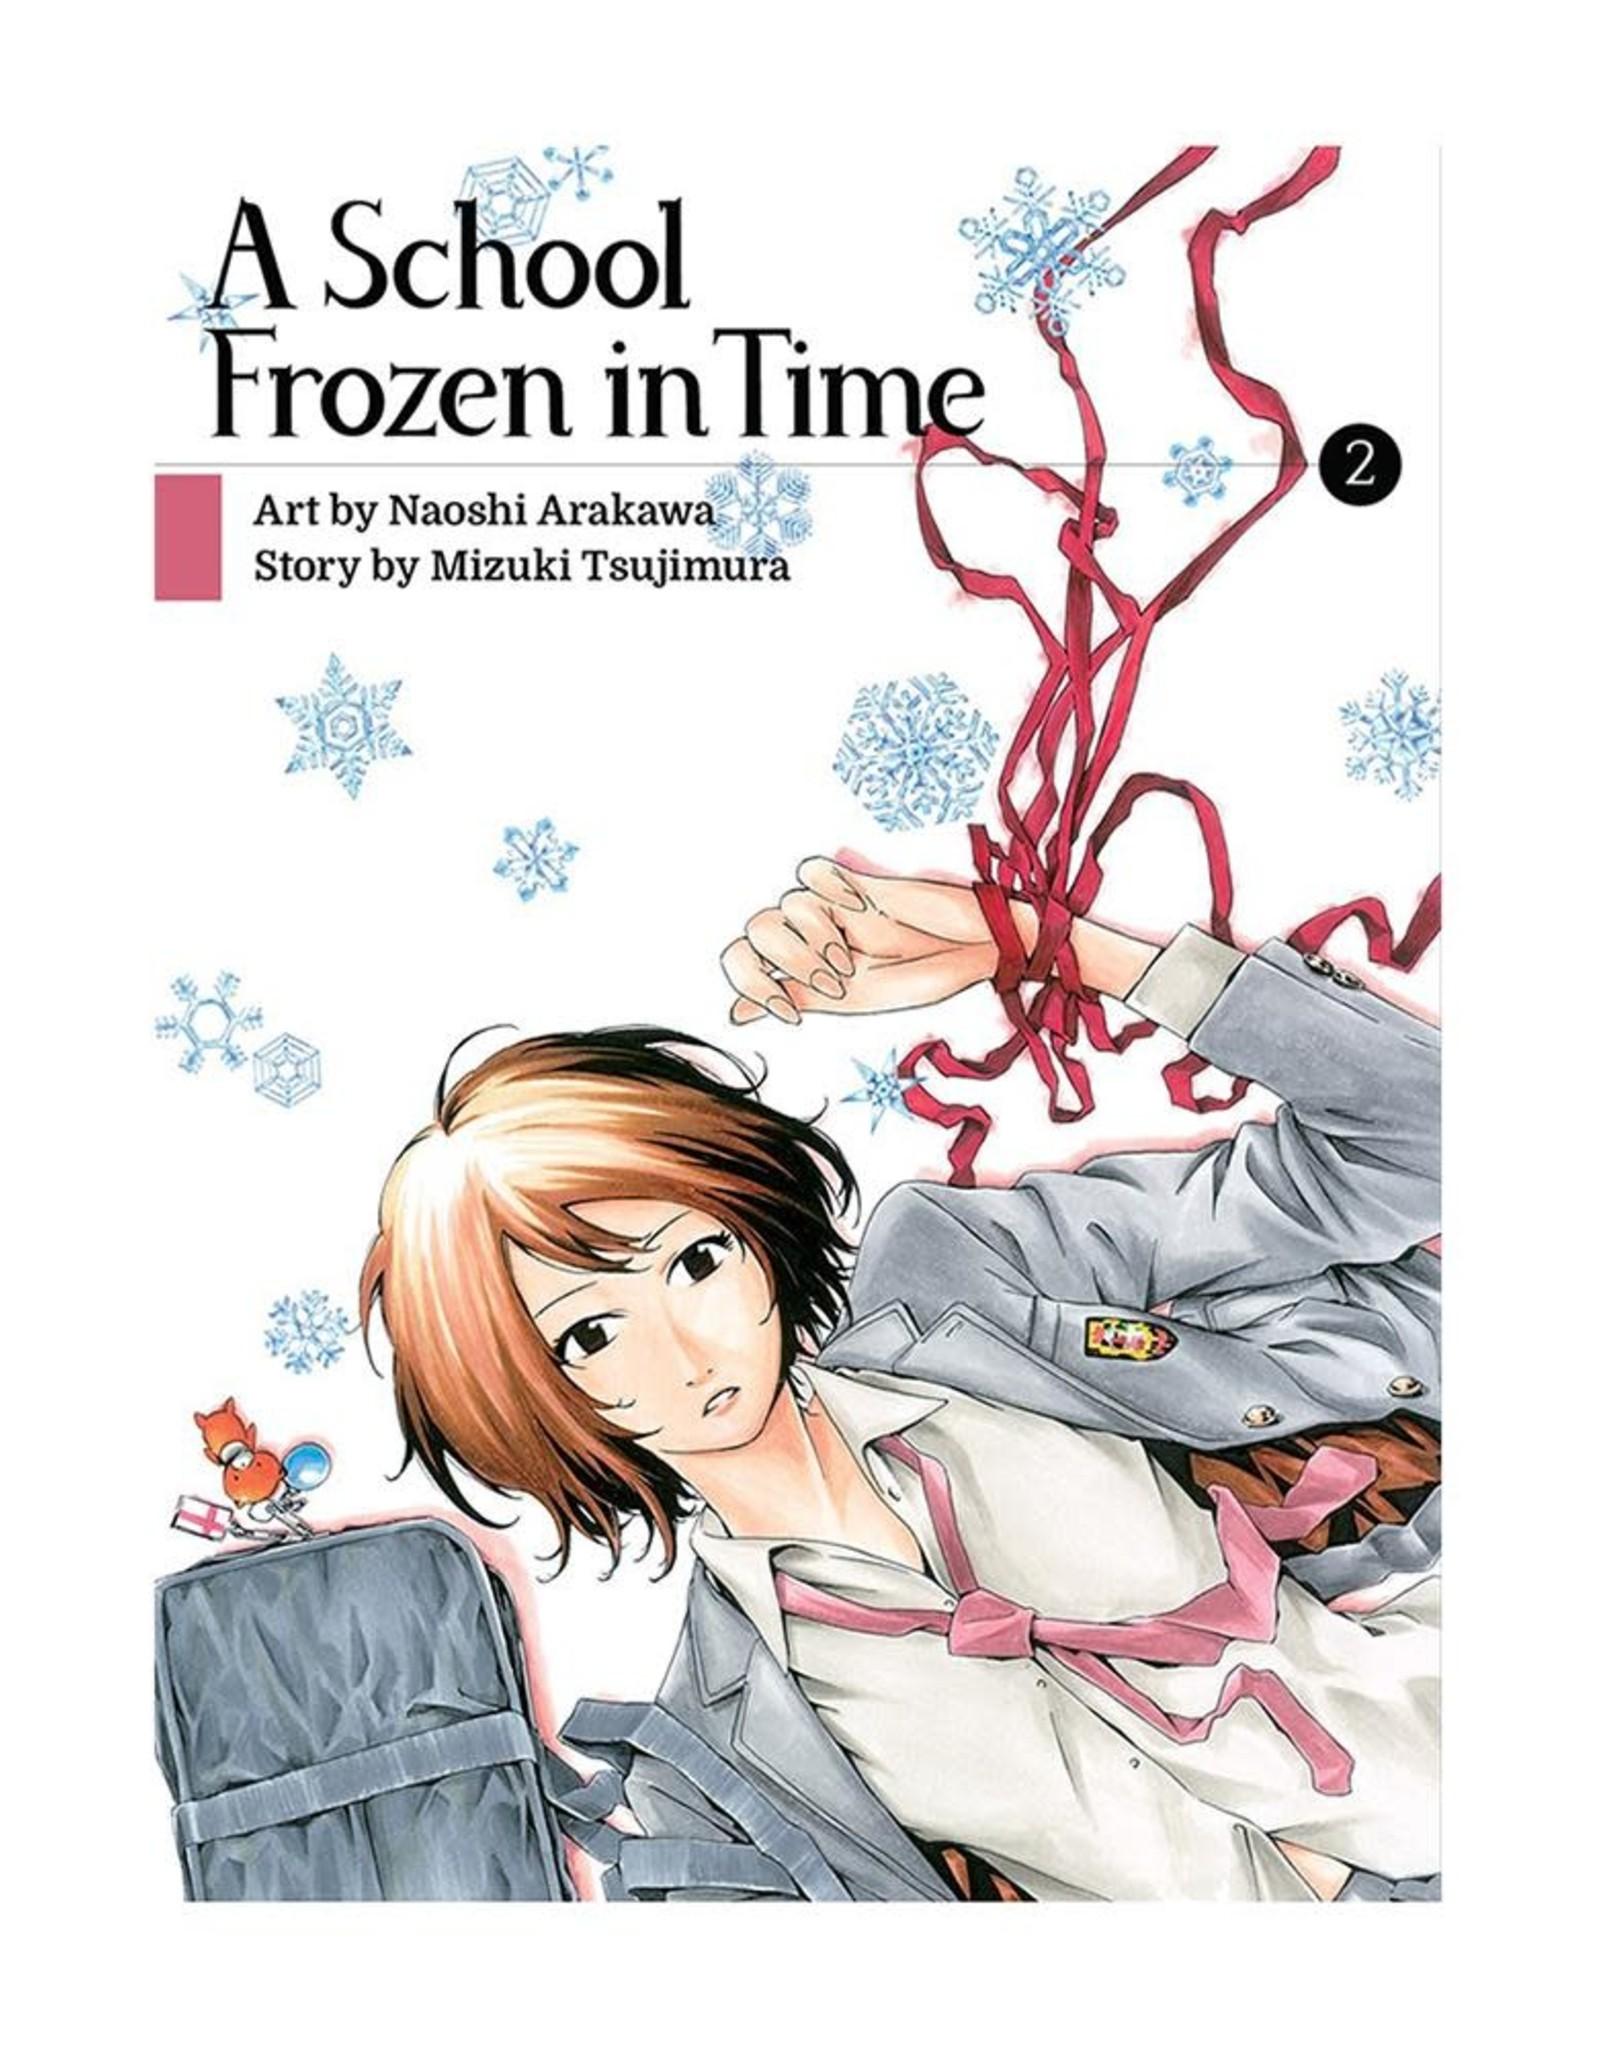 A School Frozen in Time 2 (Engelstalig) - Manga